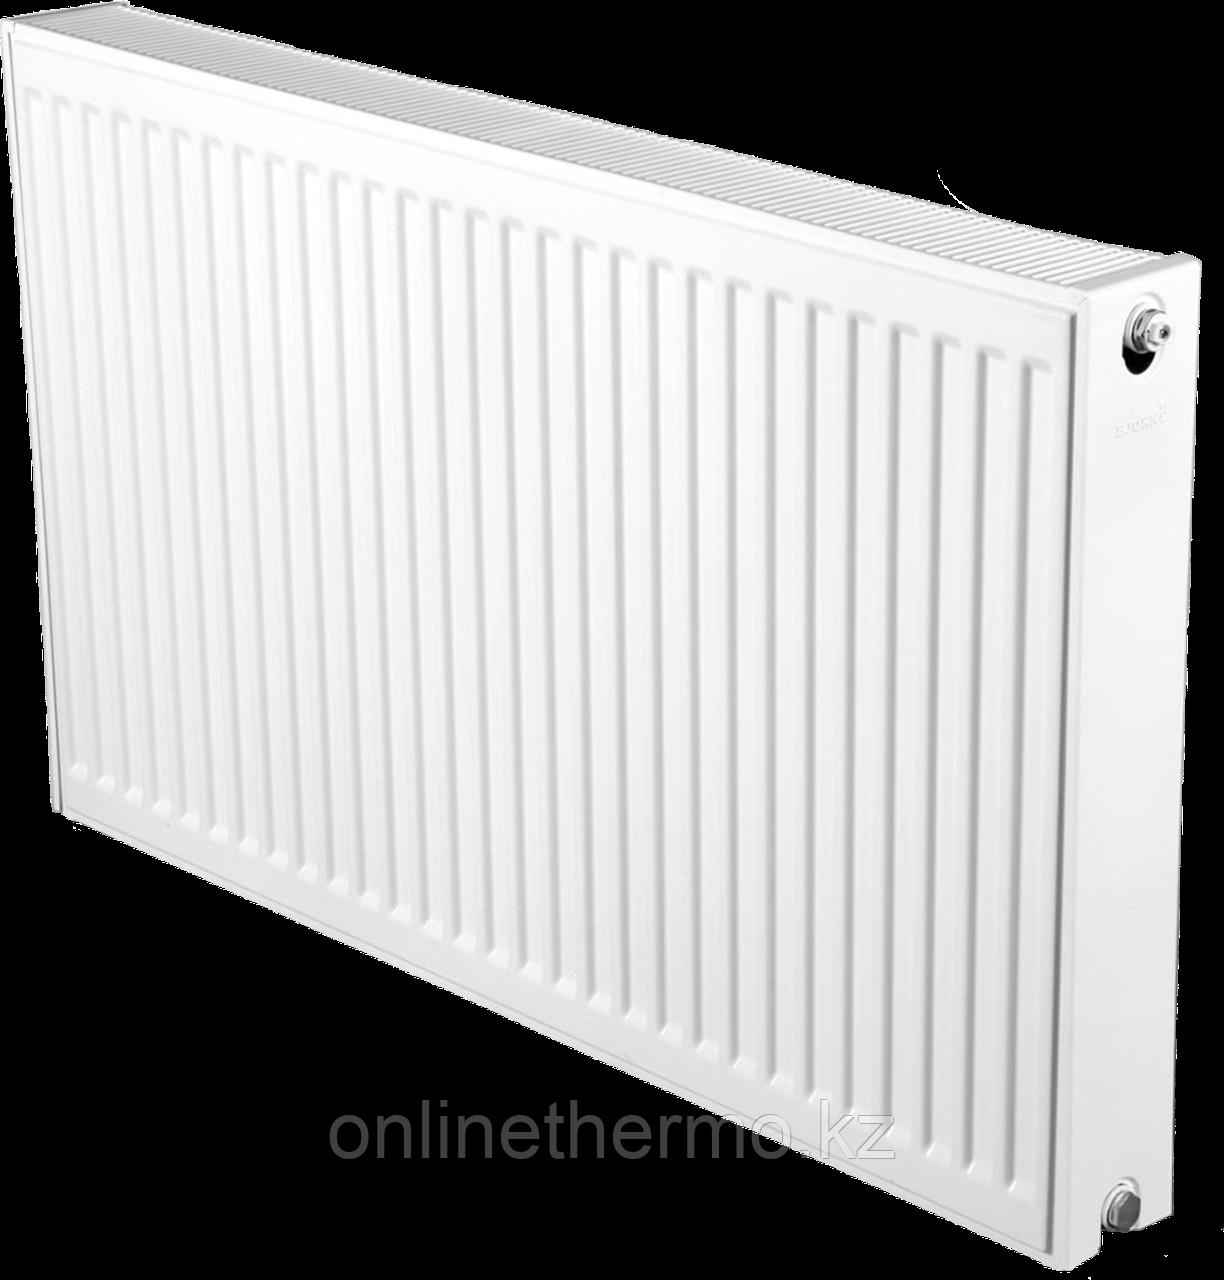 Радиатор стальной тип 22K H300мм*L1000мм панельный Bjorne боковое подключение - фото 1